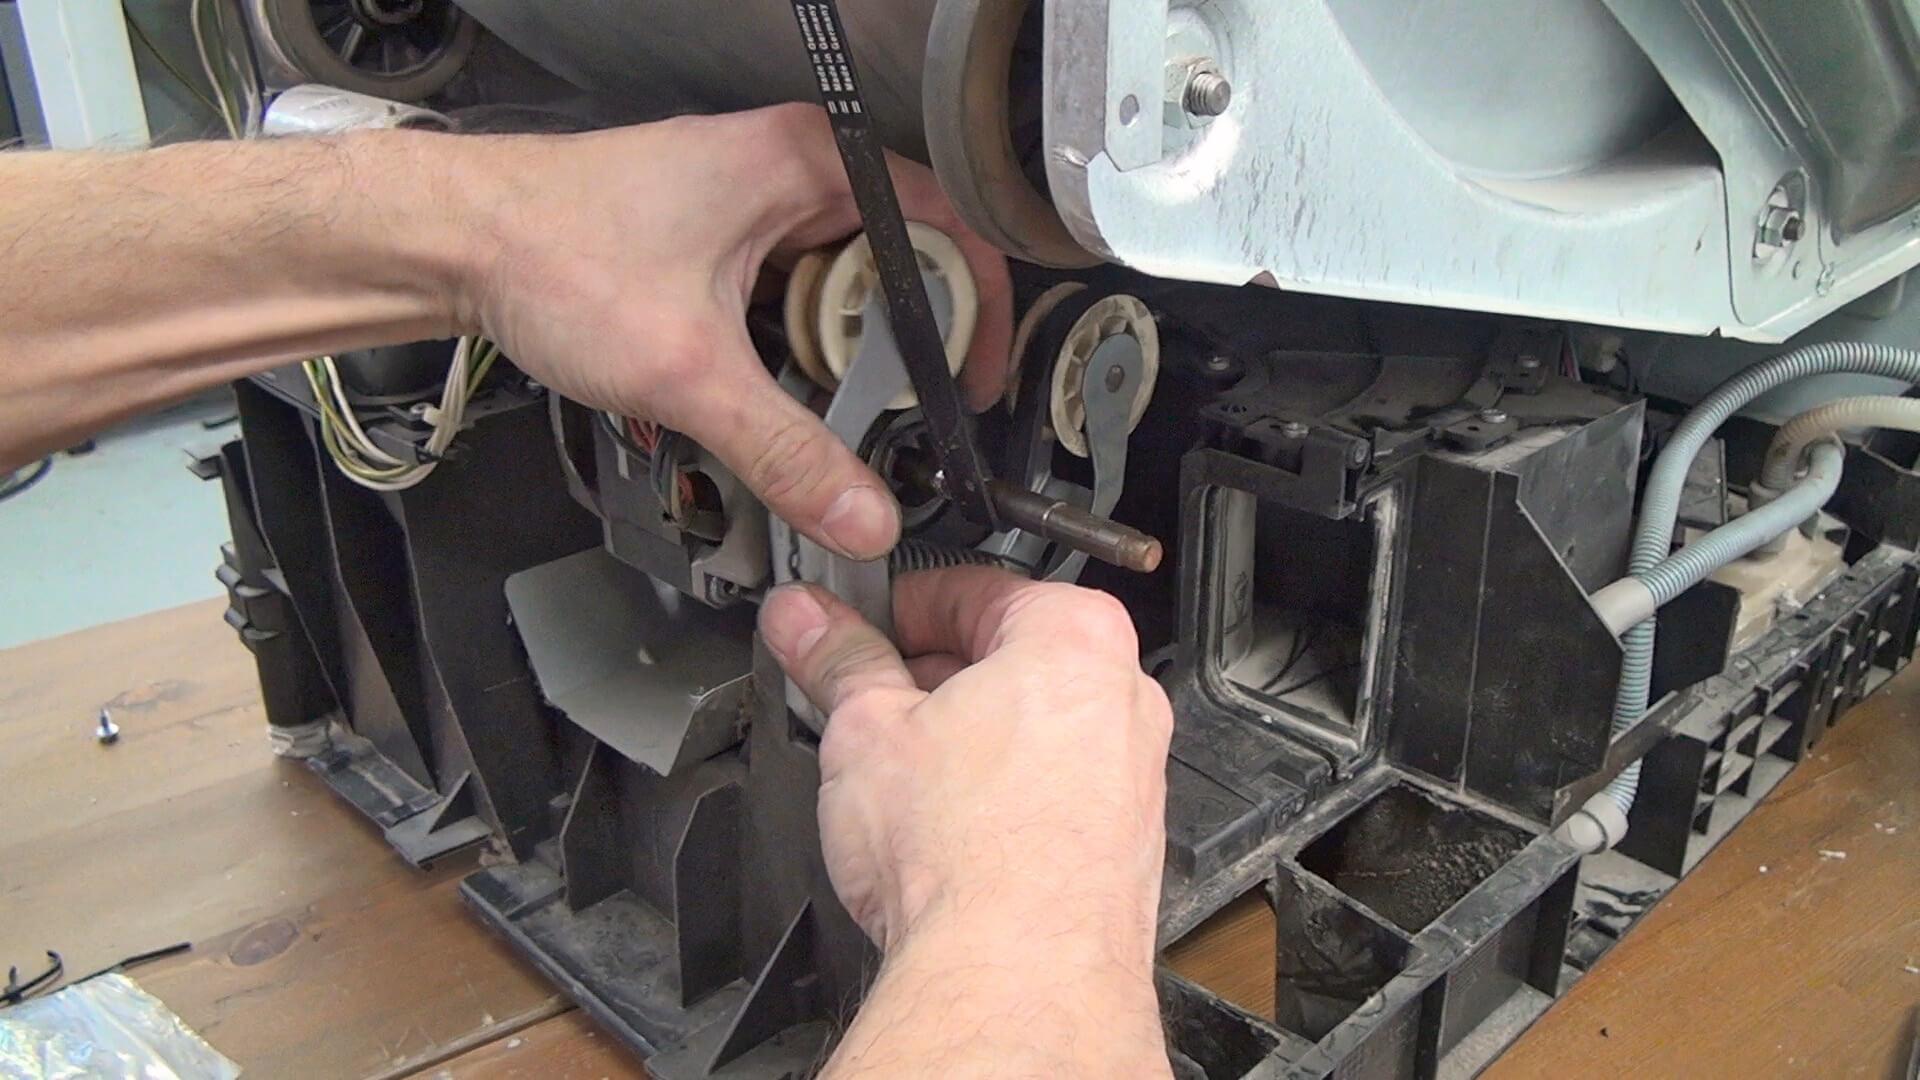 Reparaturanleitung: whirlpool trockner antriebsriemen tauschen